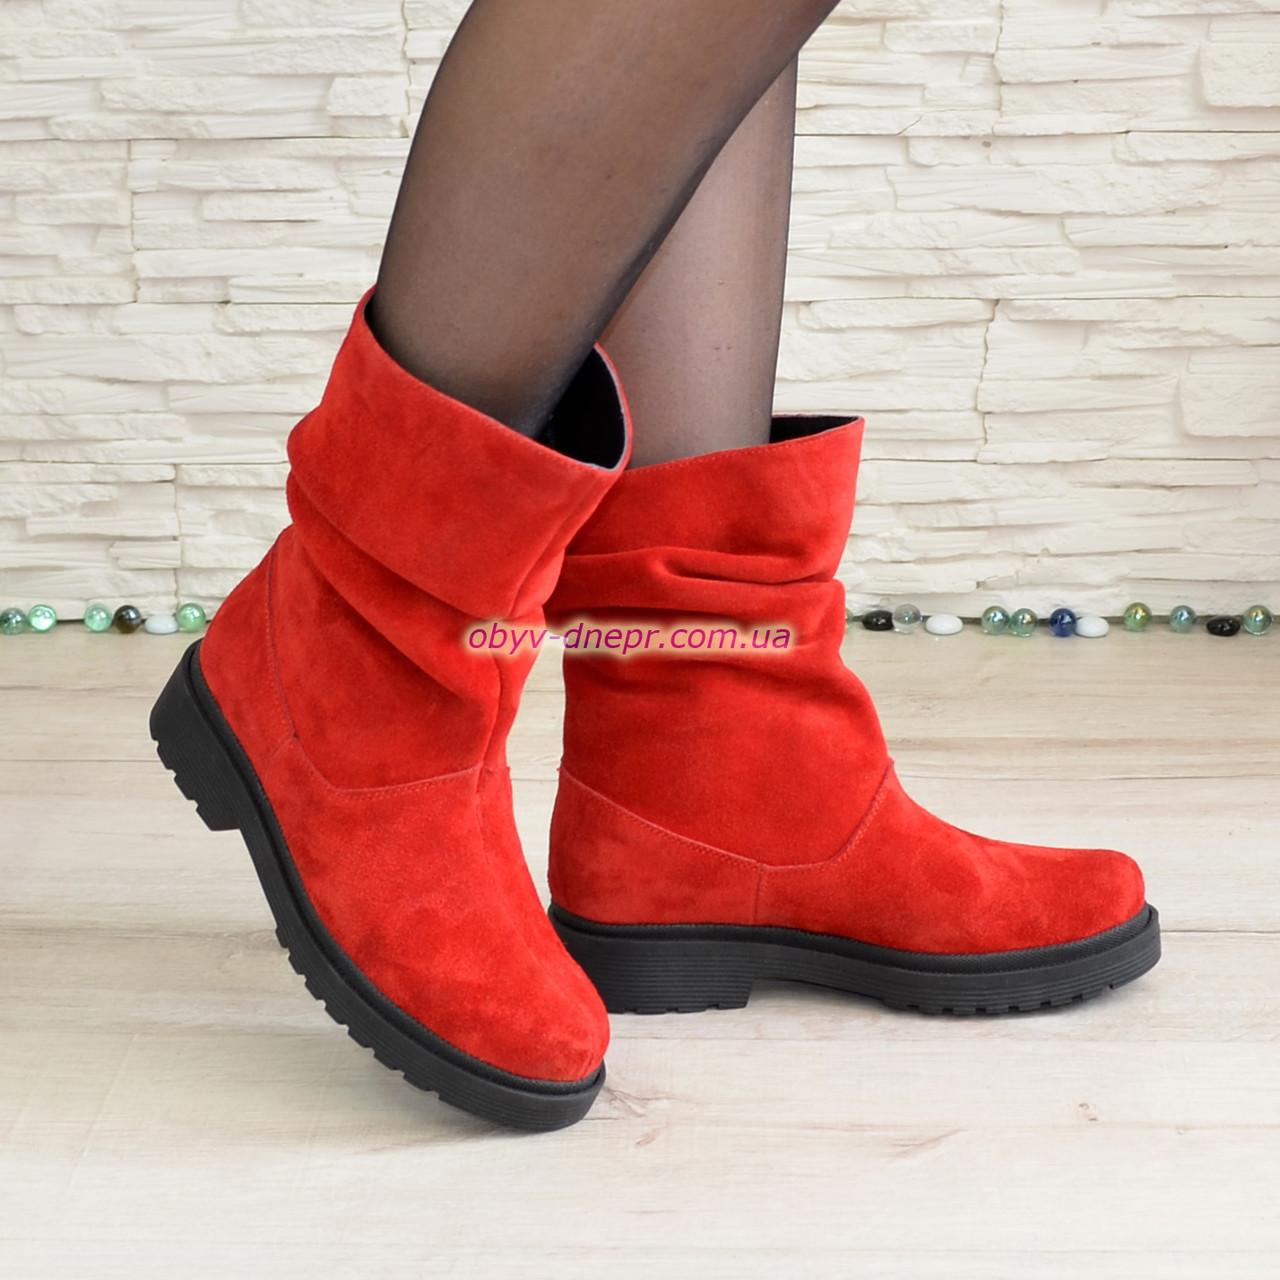 Ботинки женские демисезонные на низком ходу, из натуральной замши красного цвета